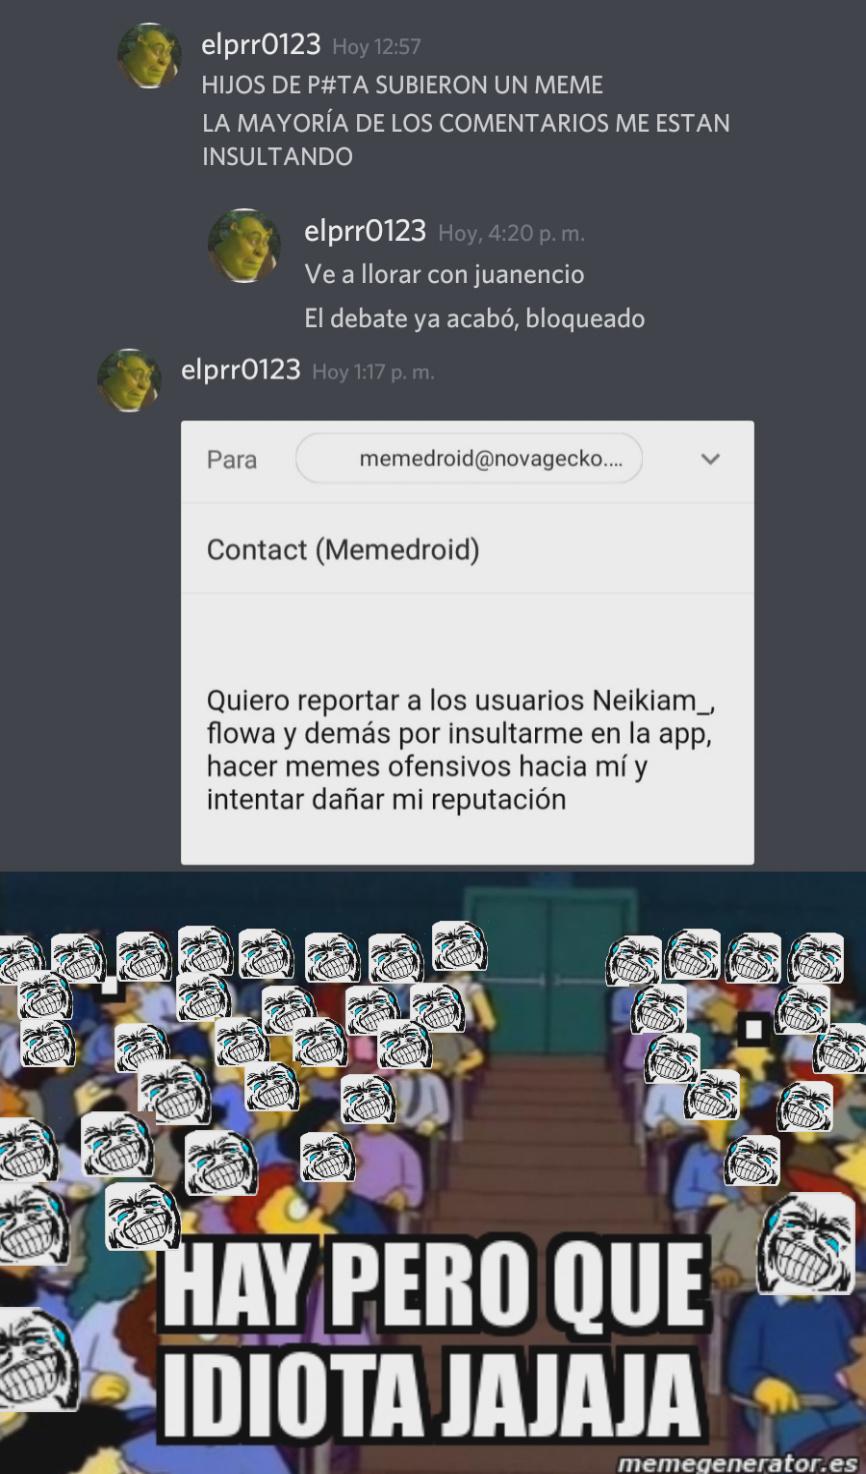 Veinteañero amenazando y reportando parte 2 - meme